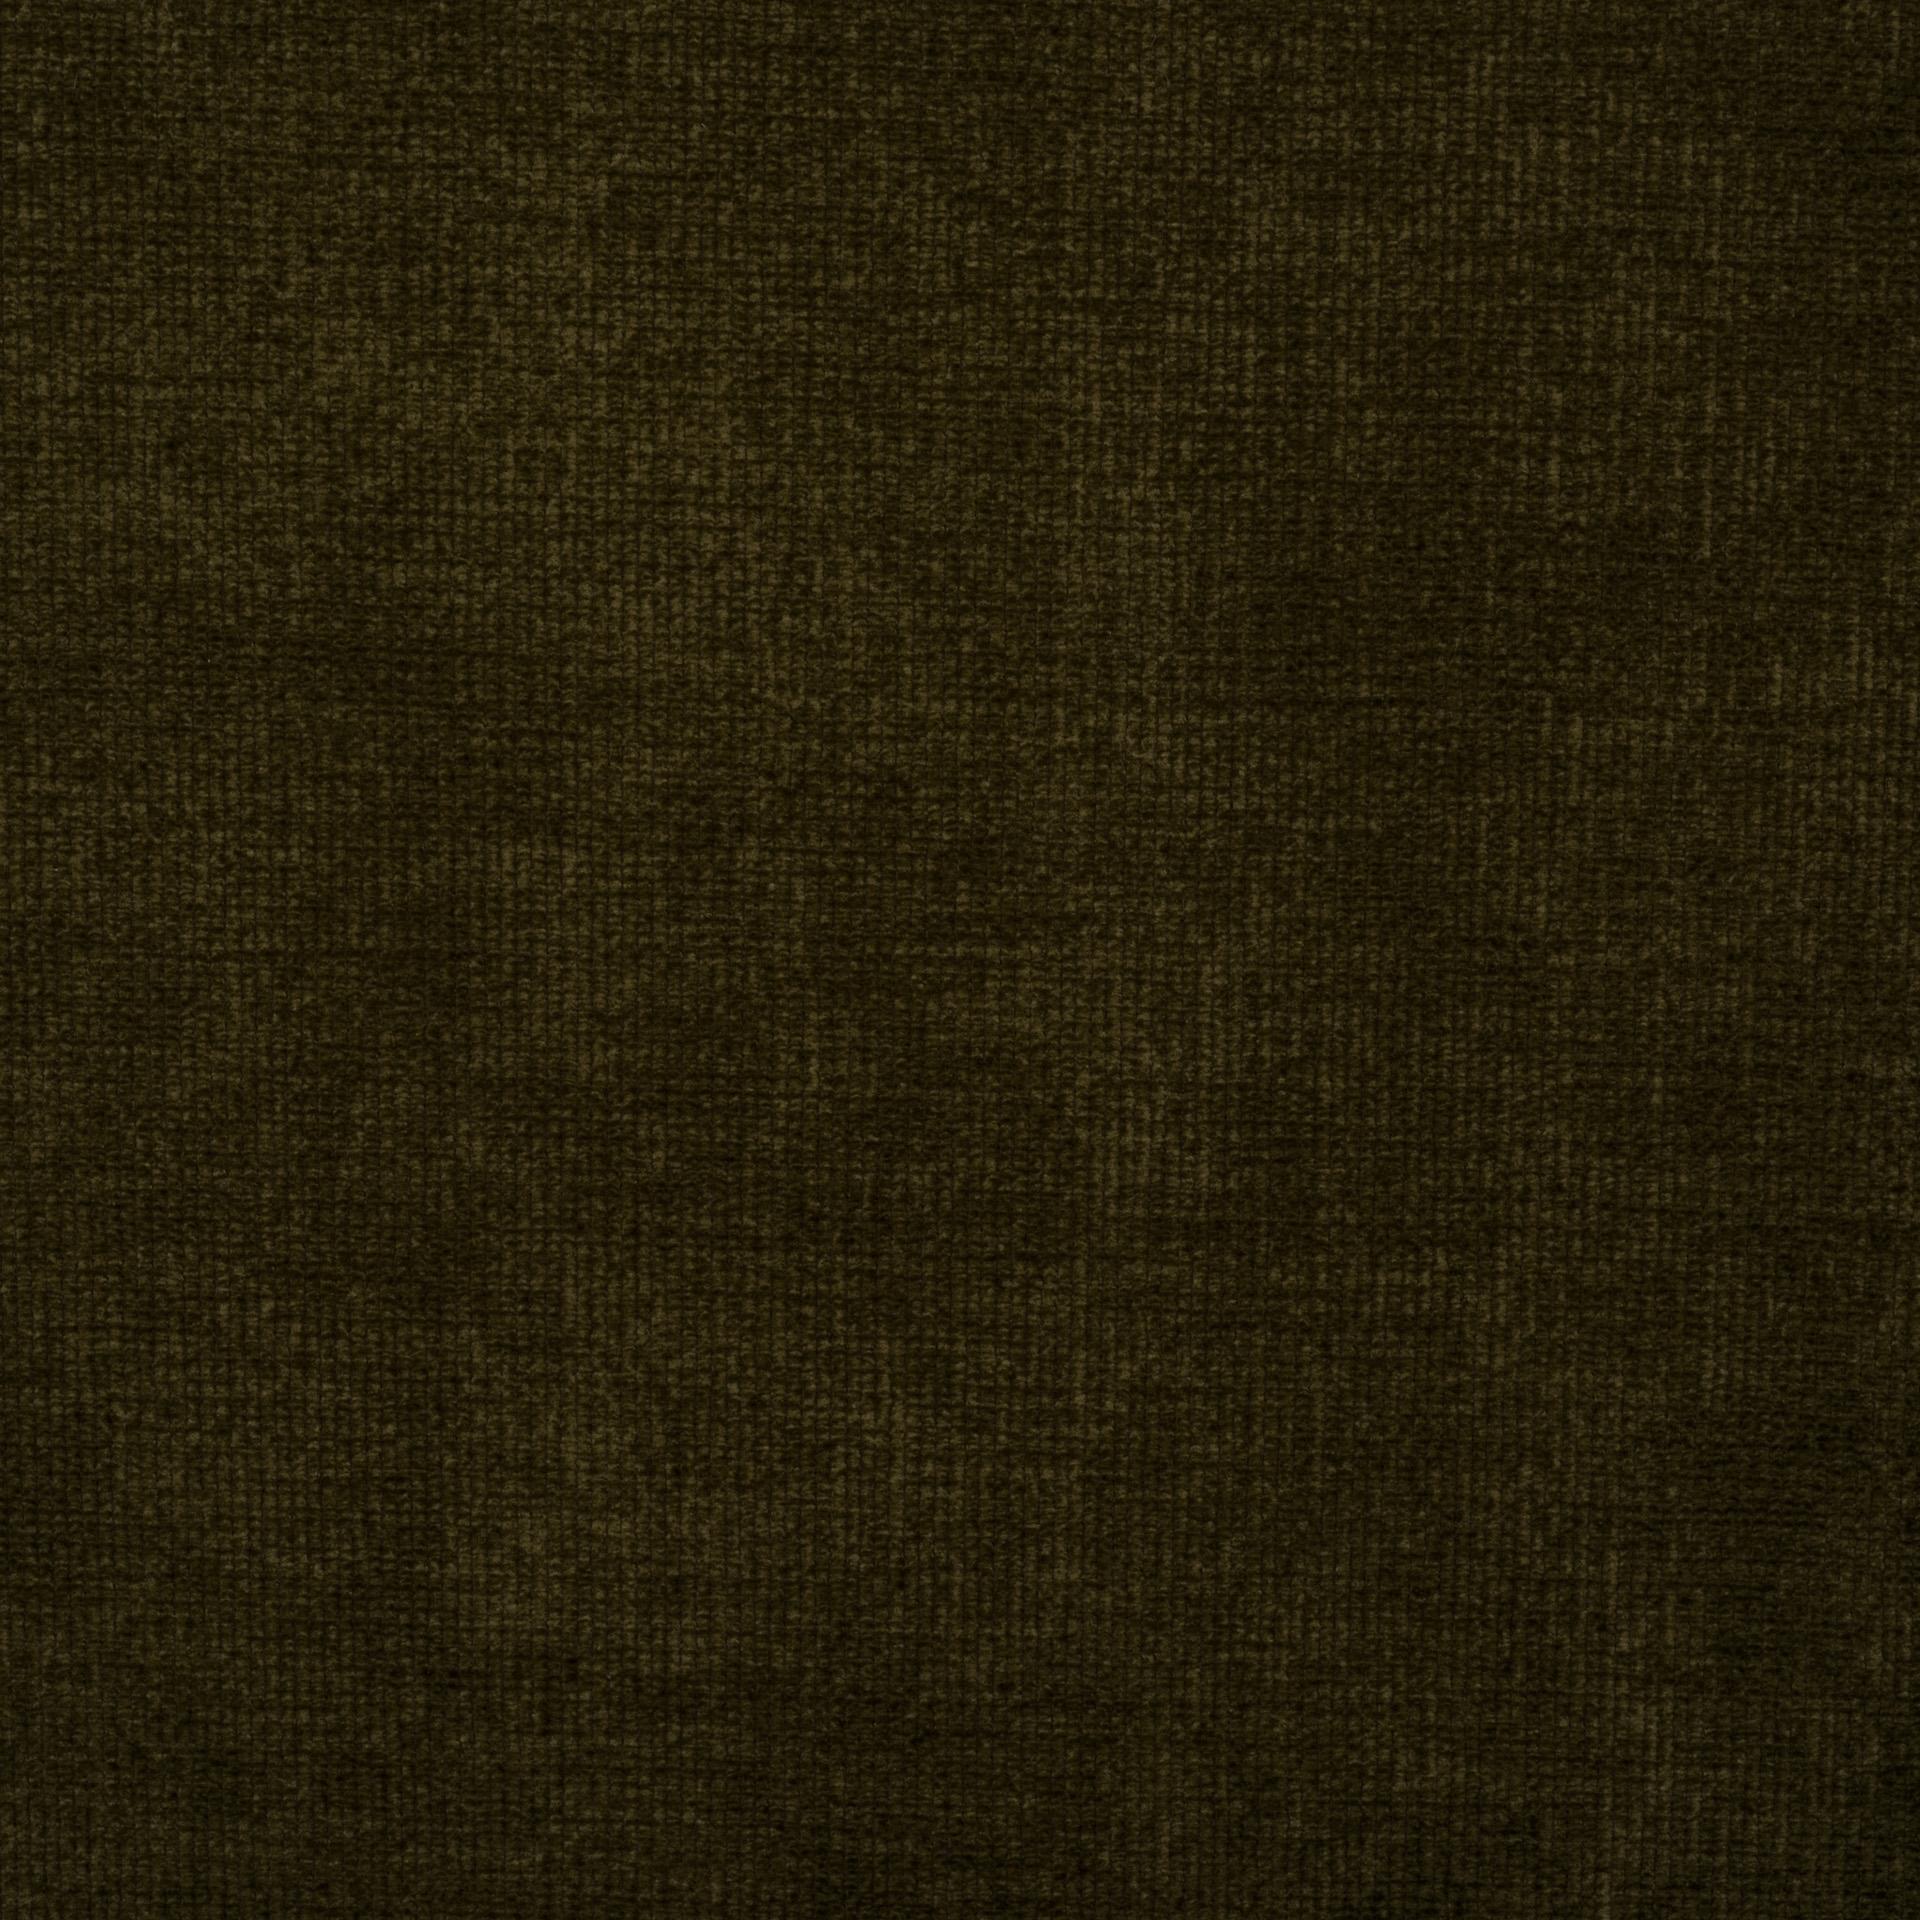 Коллекция ткани Кордрой 344,  купить ткань Велюр для мебели Украина